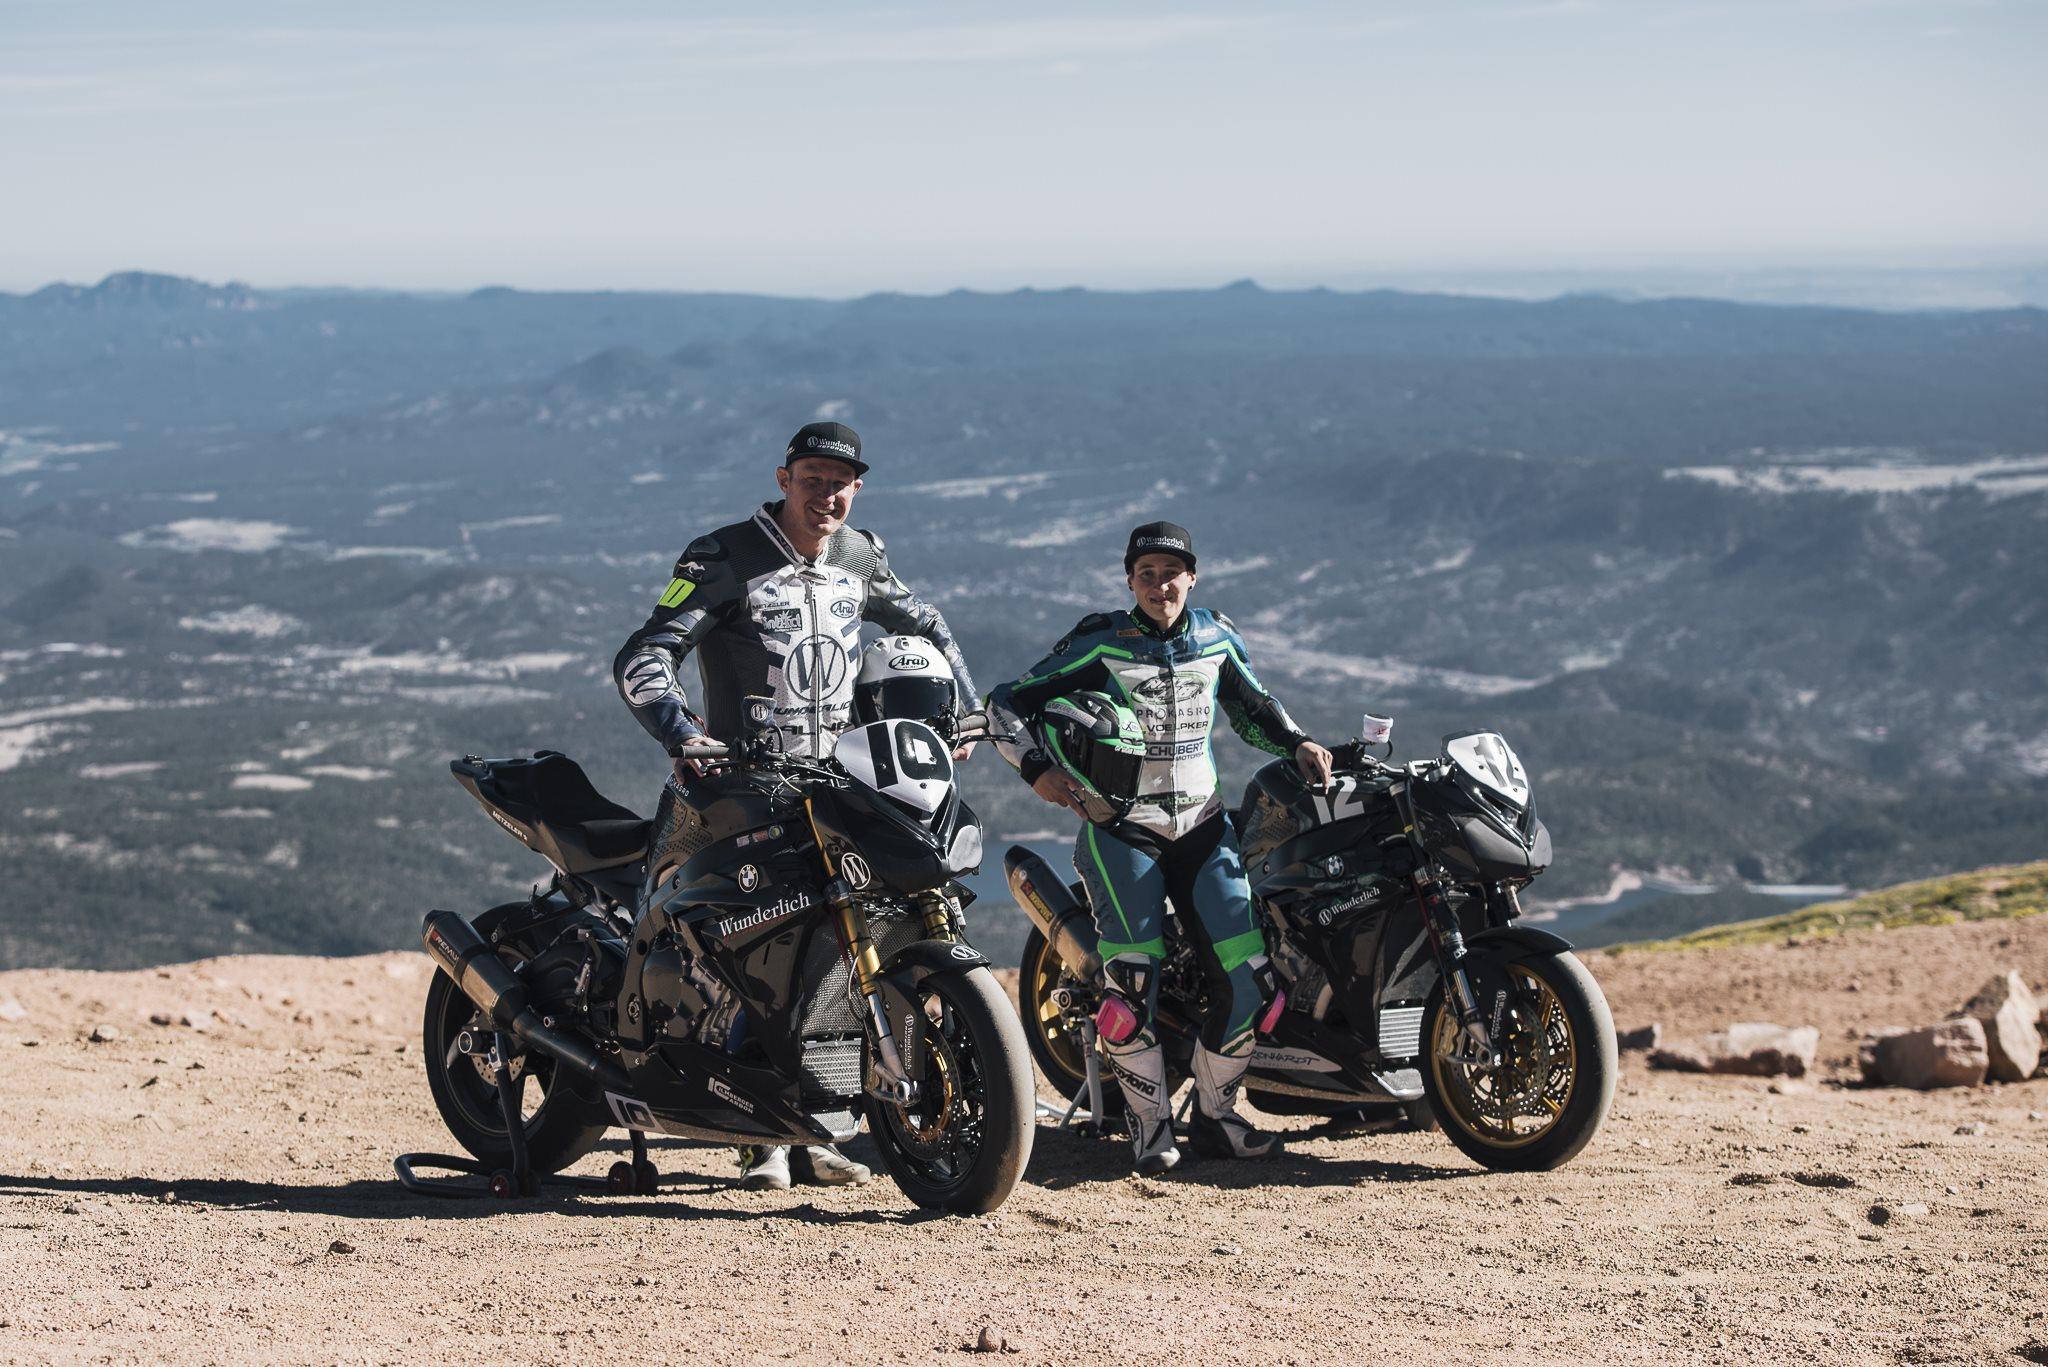 wunderlich feiert erfolg beim pikes peak 2018 motorrad sport. Black Bedroom Furniture Sets. Home Design Ideas